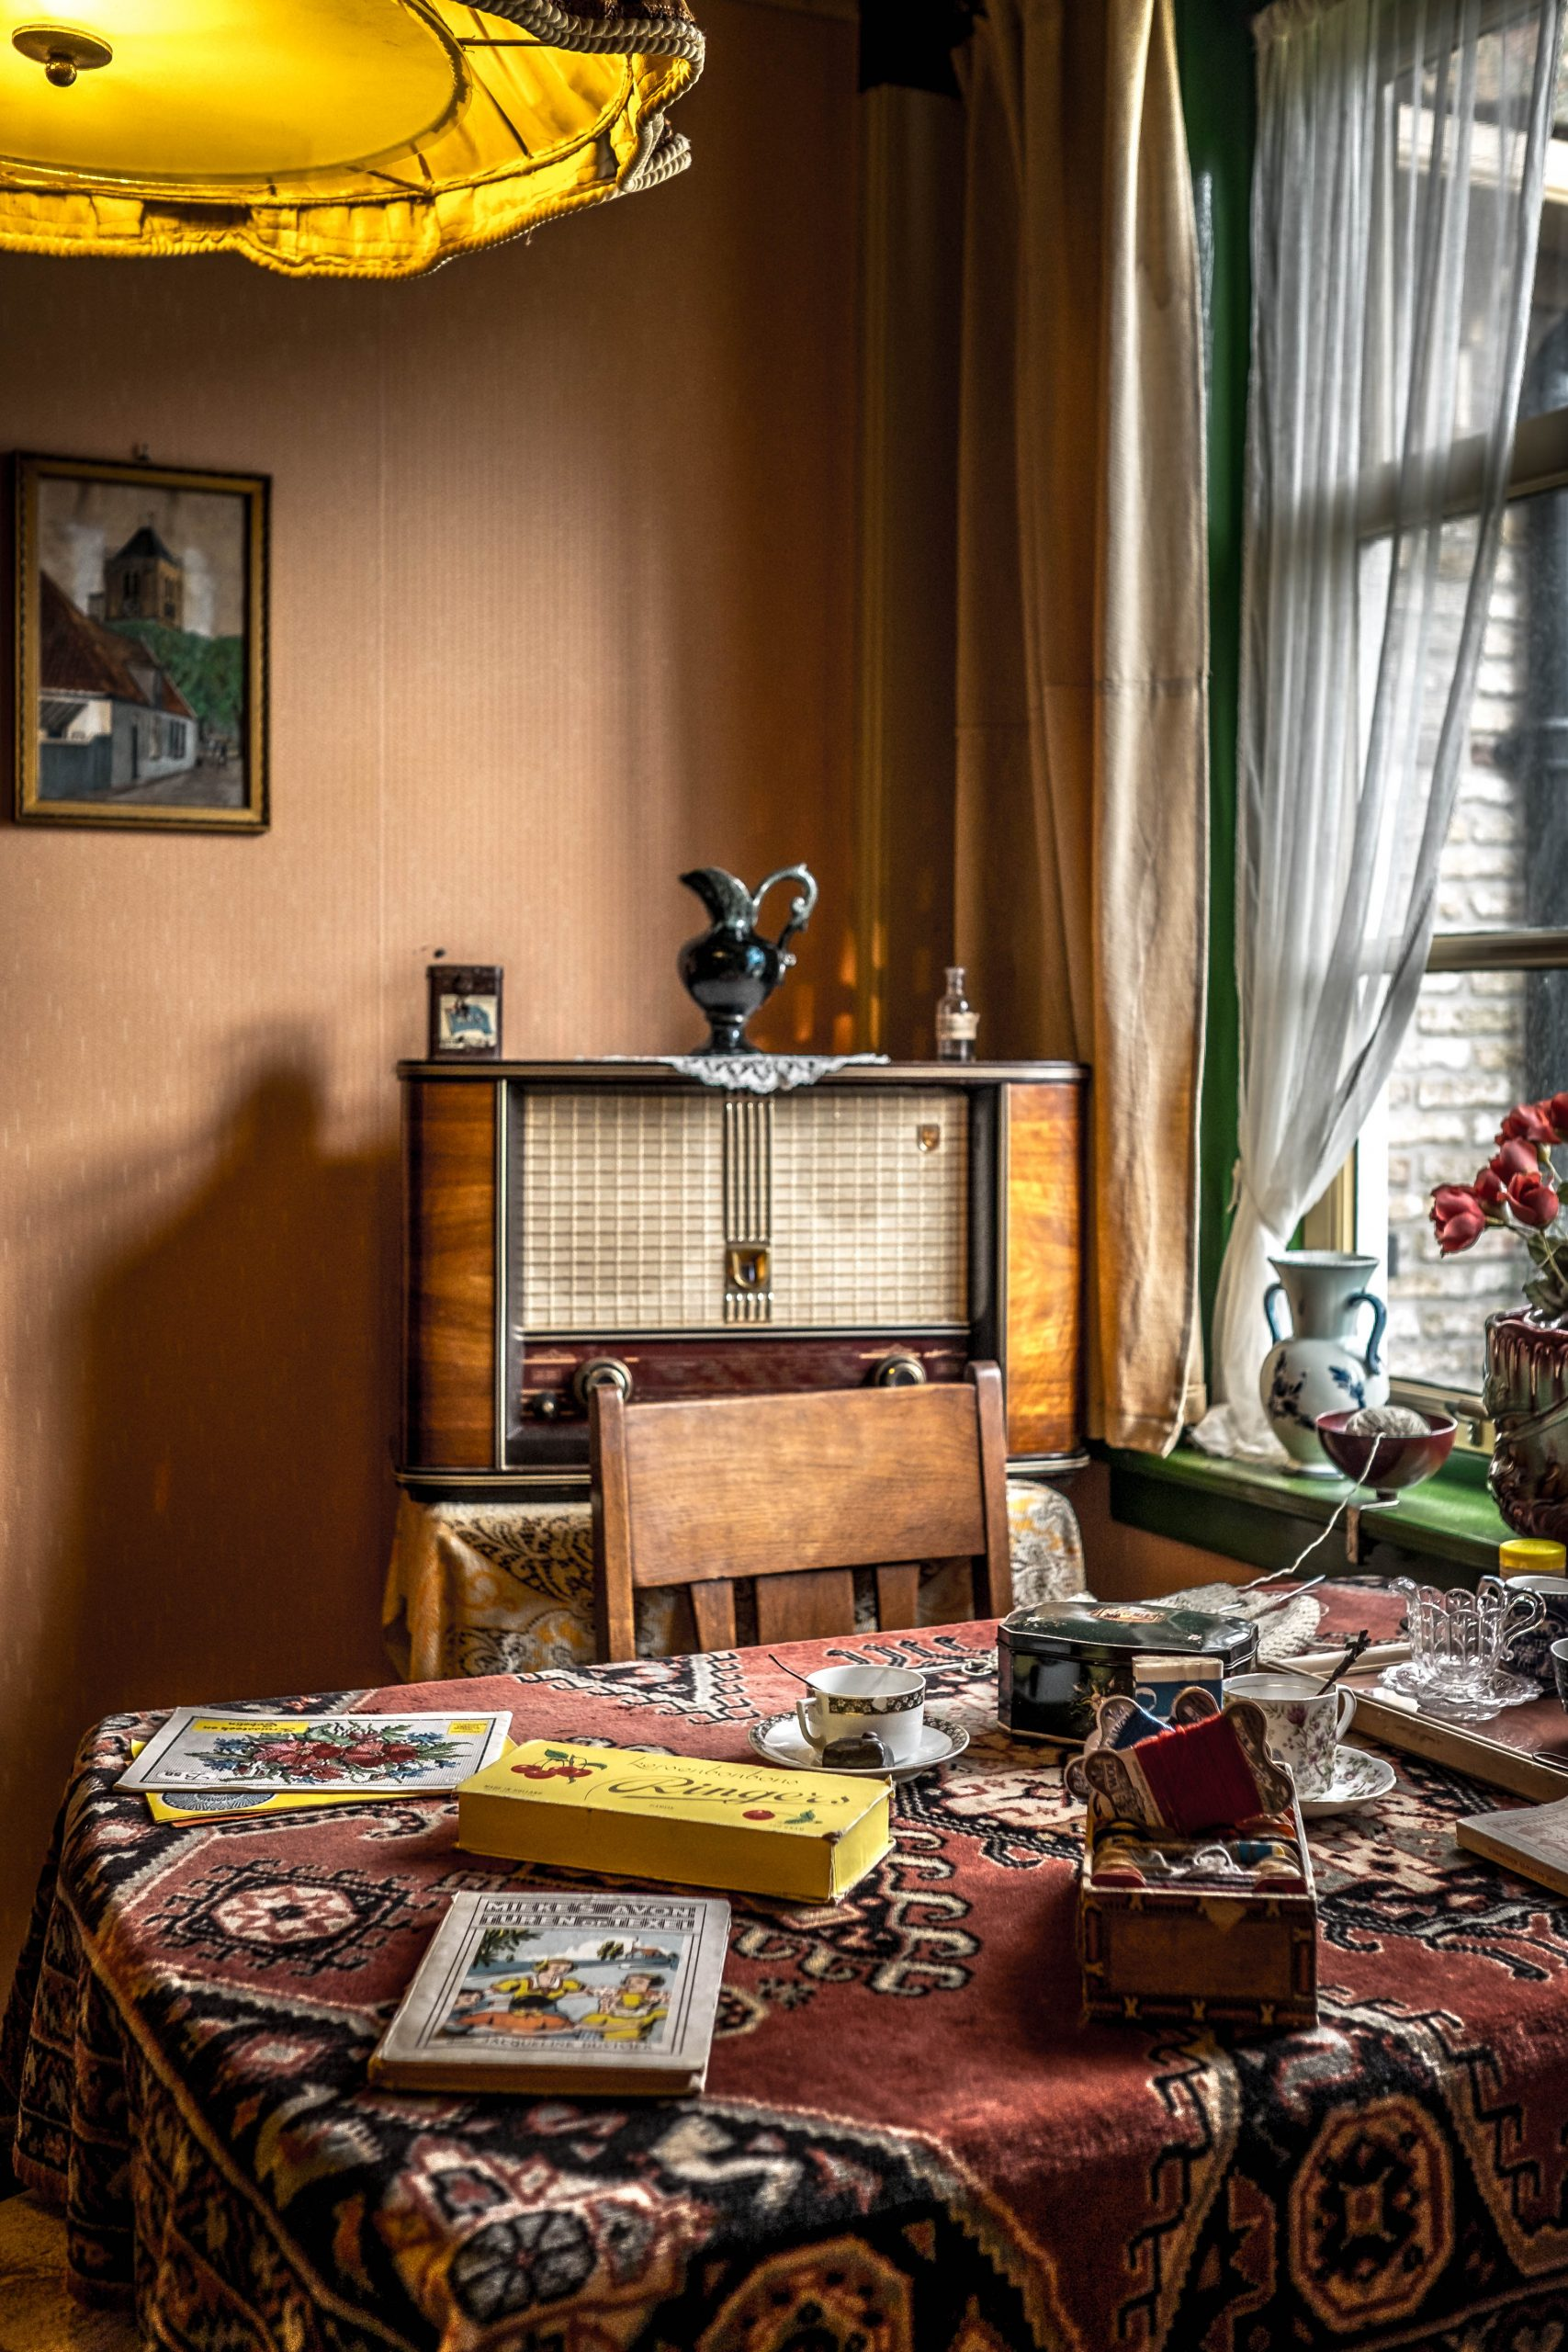 Vintage dutch interior #2